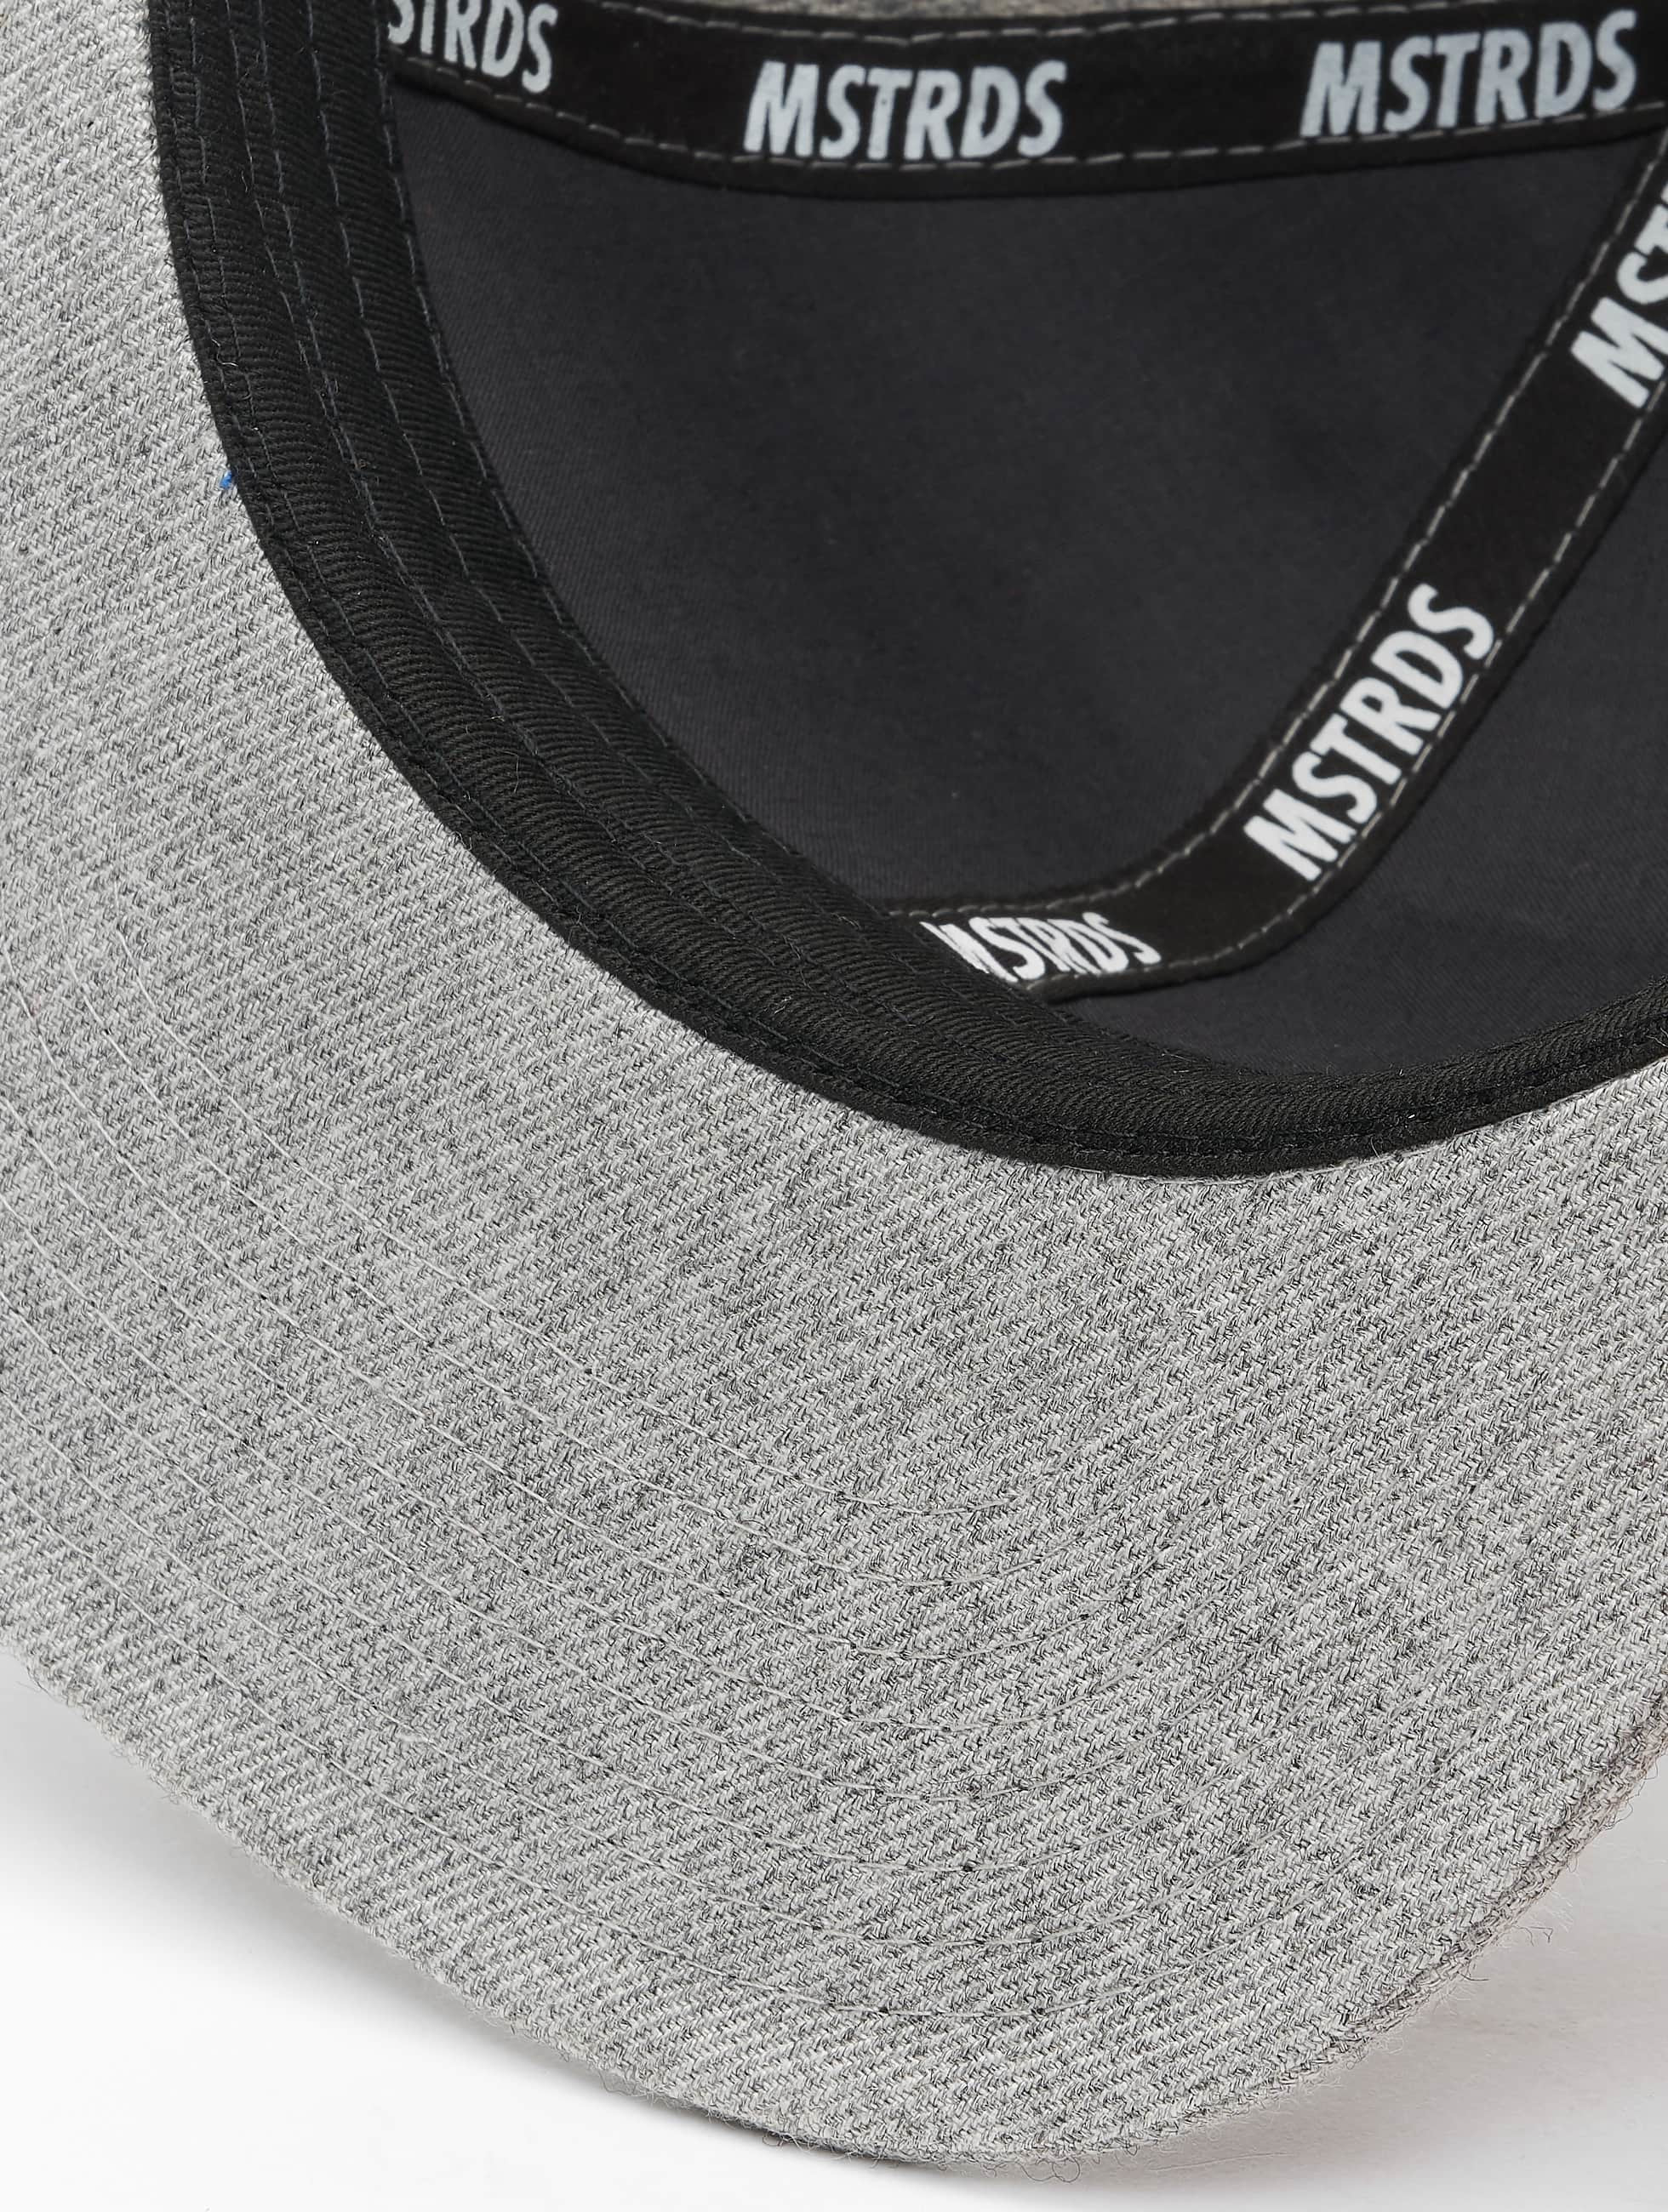 MSTRDS Casquette Snapback & Strapback U Letter gris